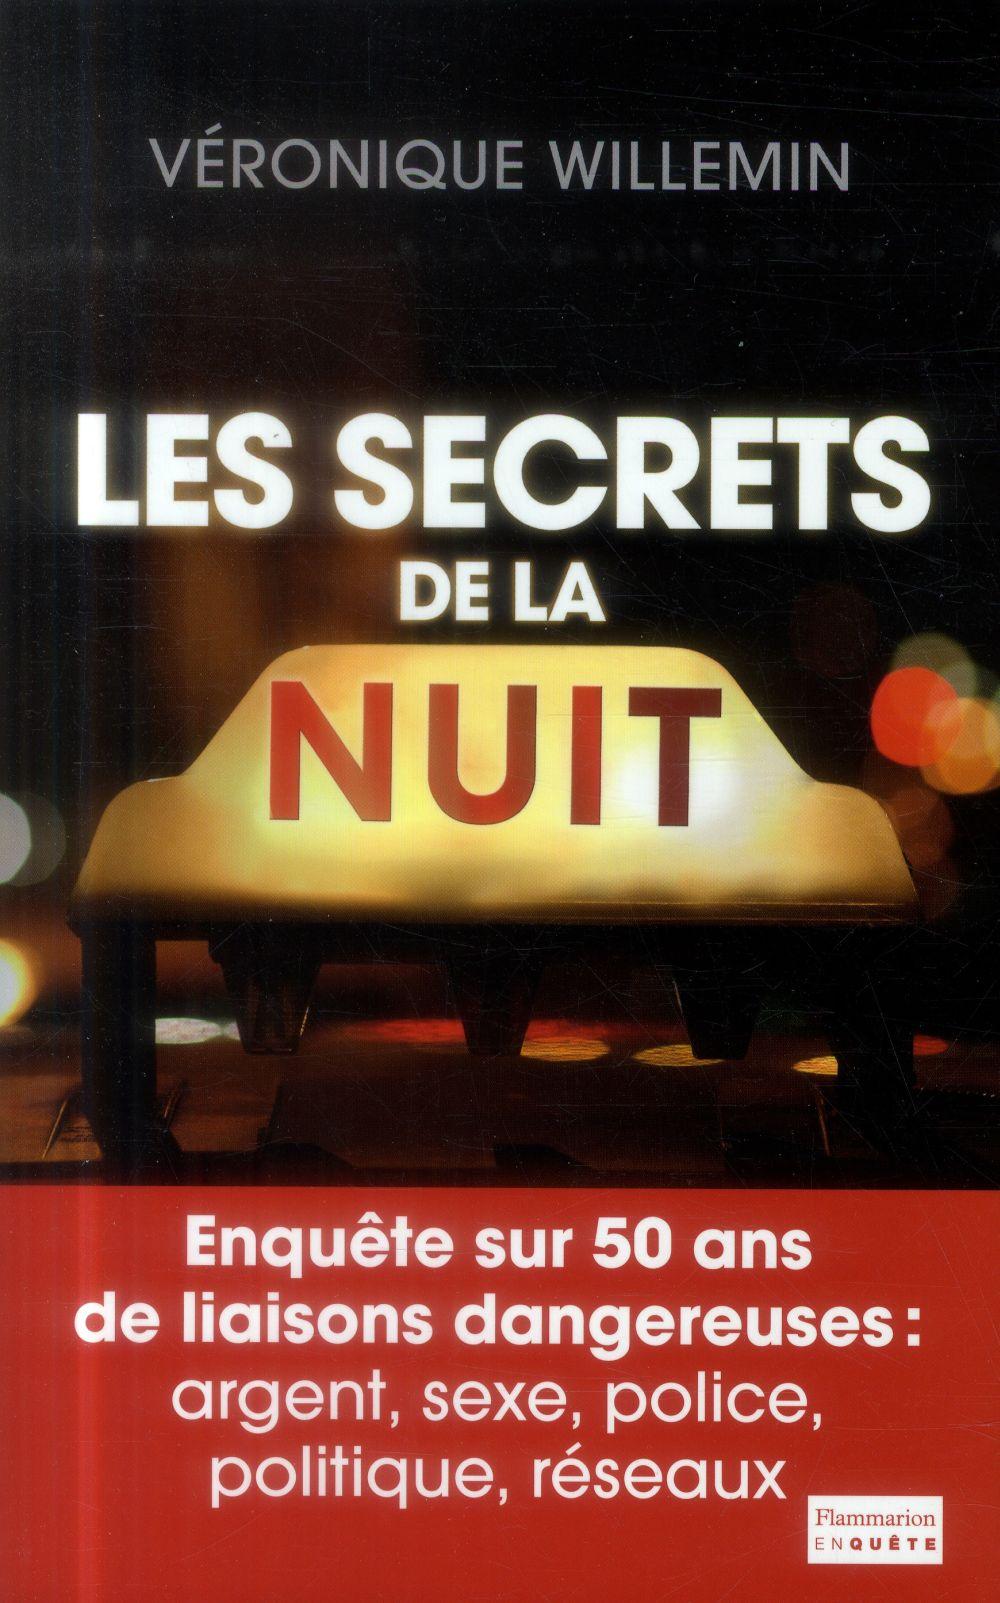 Les secrets de la nuit ; enquête sur 50 ans des liaisons dangereuses : argent, sexe, police, politique, reseaux